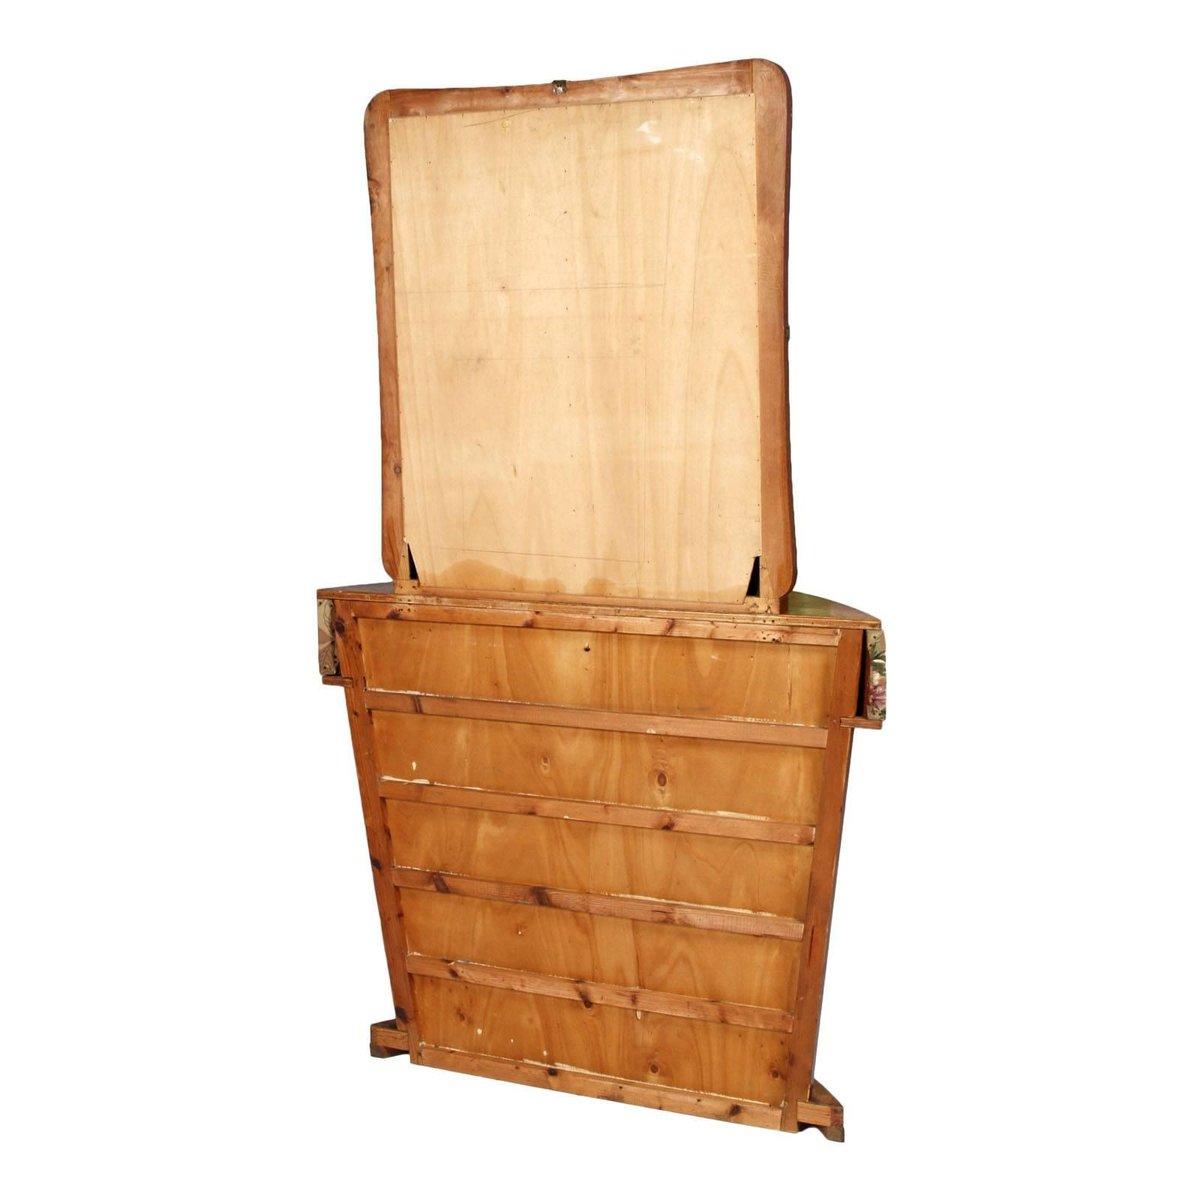 italienischer art deco wurzelholz frisiertisch mit spiegel. Black Bedroom Furniture Sets. Home Design Ideas